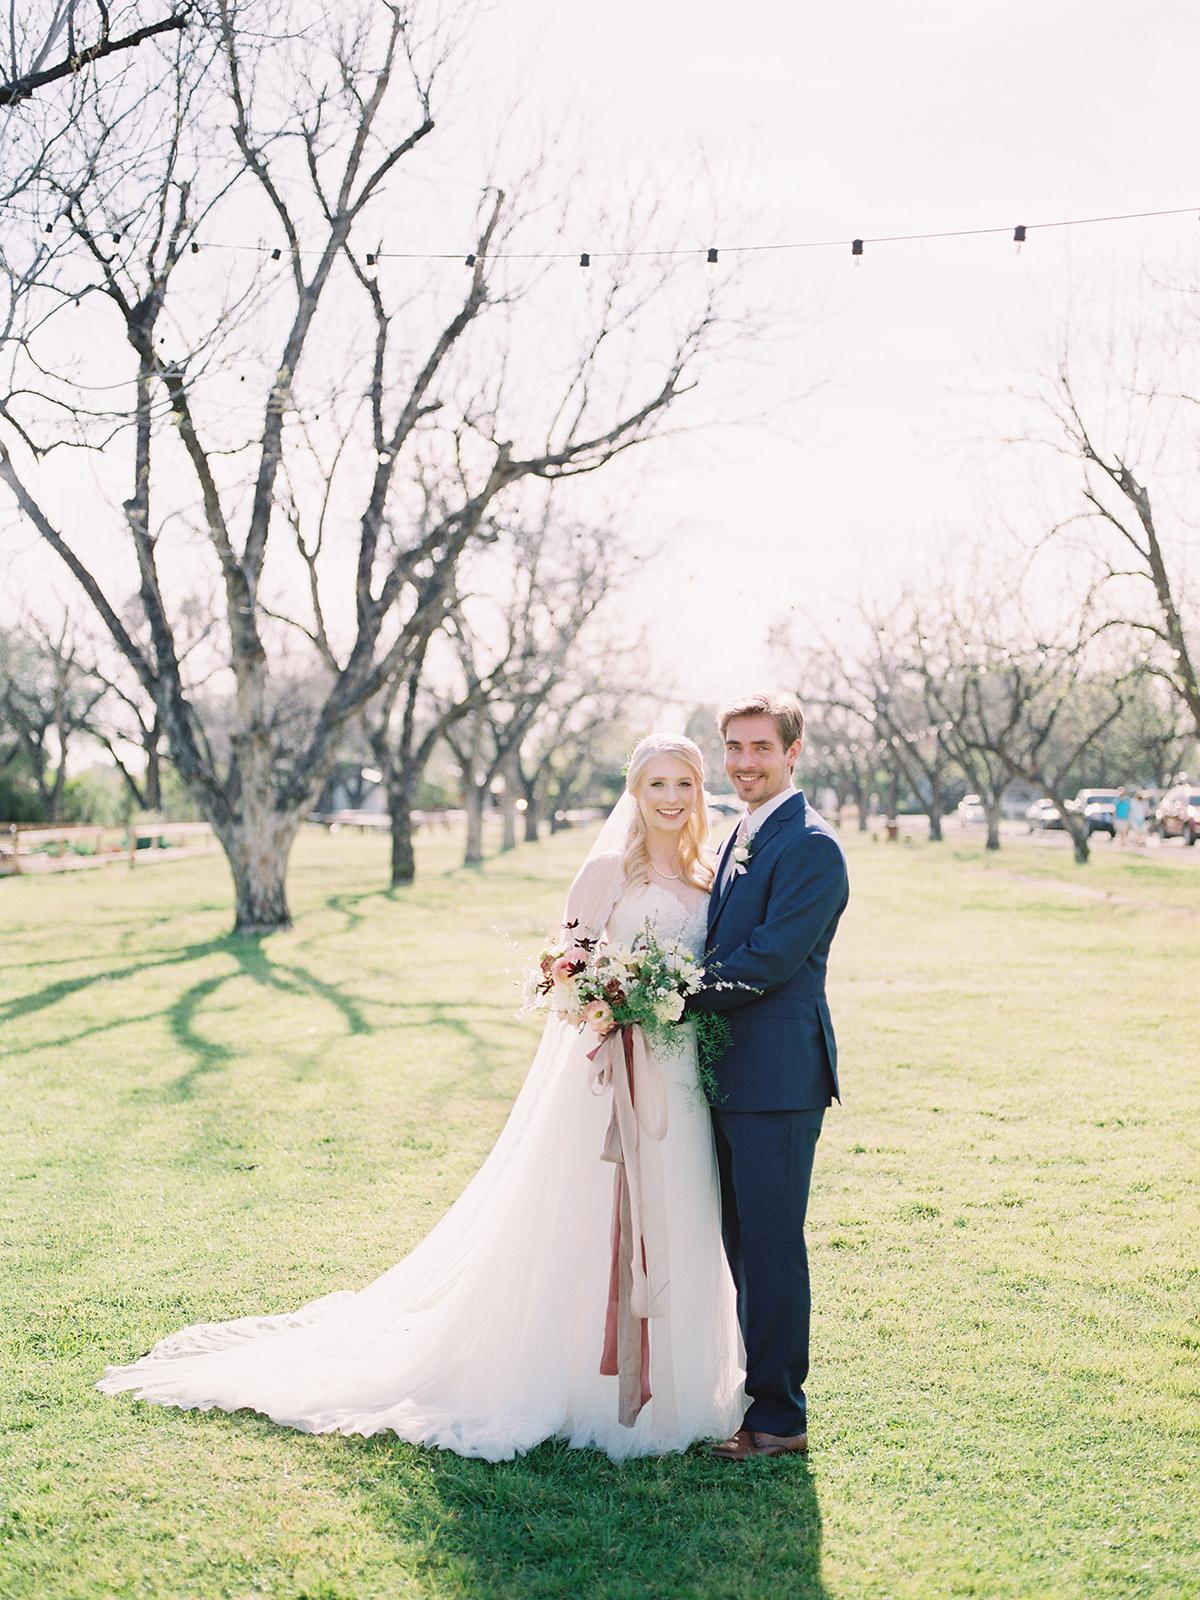 Lukas Wedding - Bride _ Groom-2.jpg